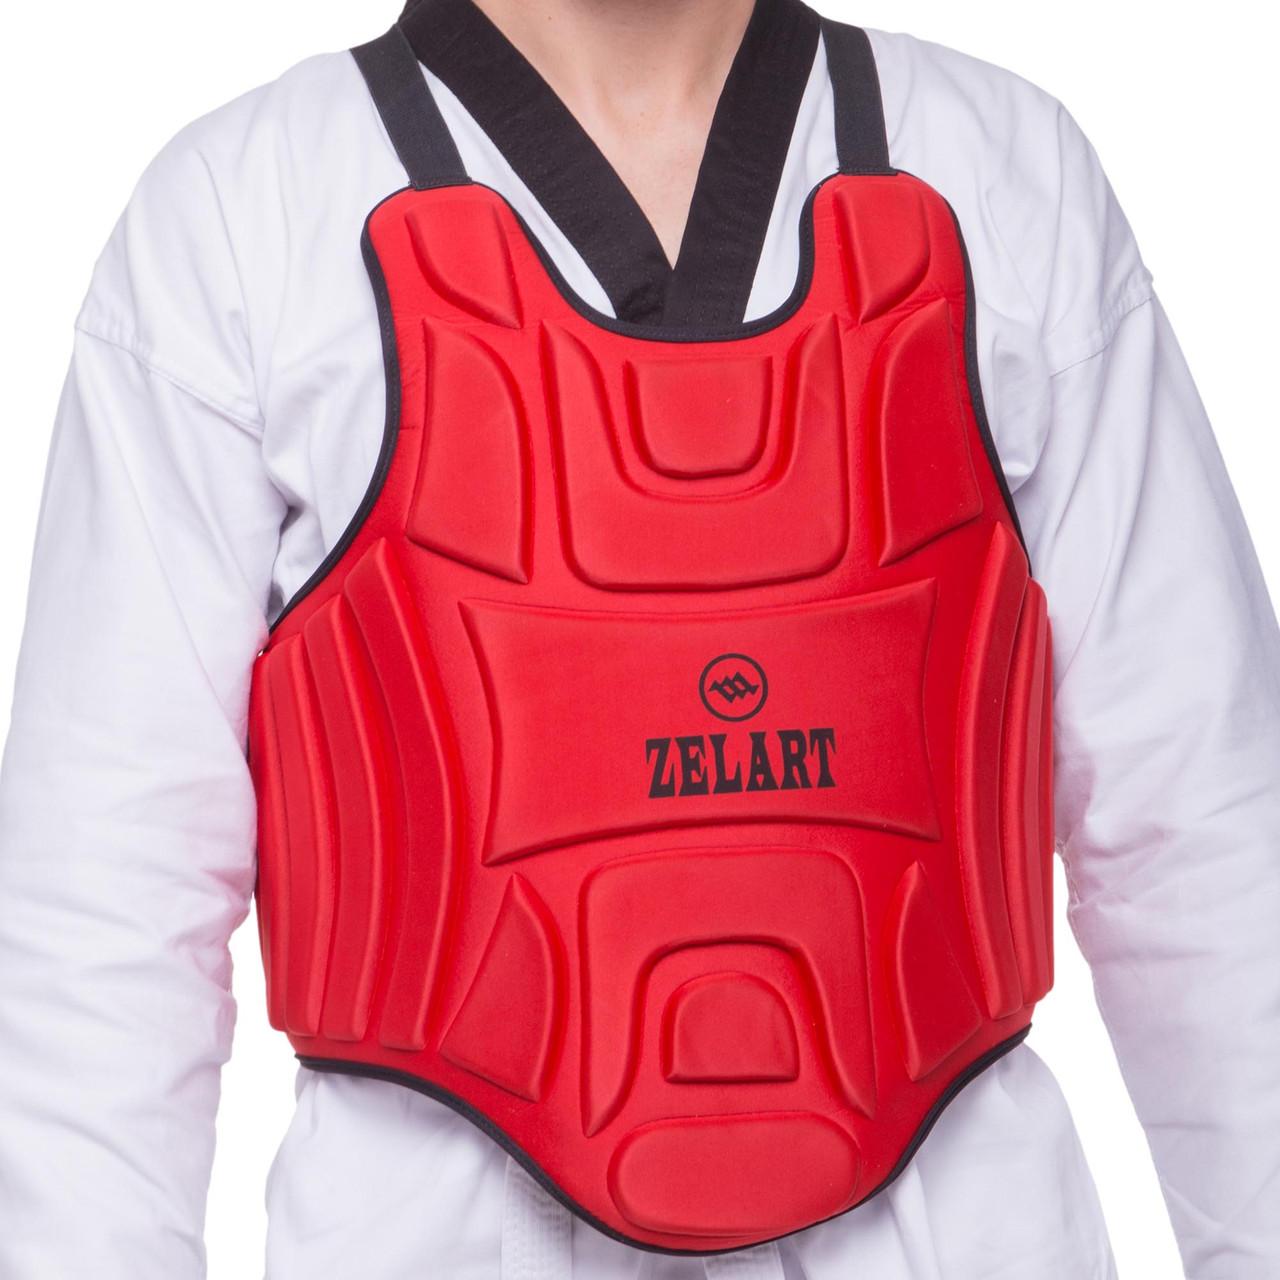 Защита корпуса (жилет) для единоборств Zelart (EVA, нейлон, р-р XS-XL, цвета в ассортименте)